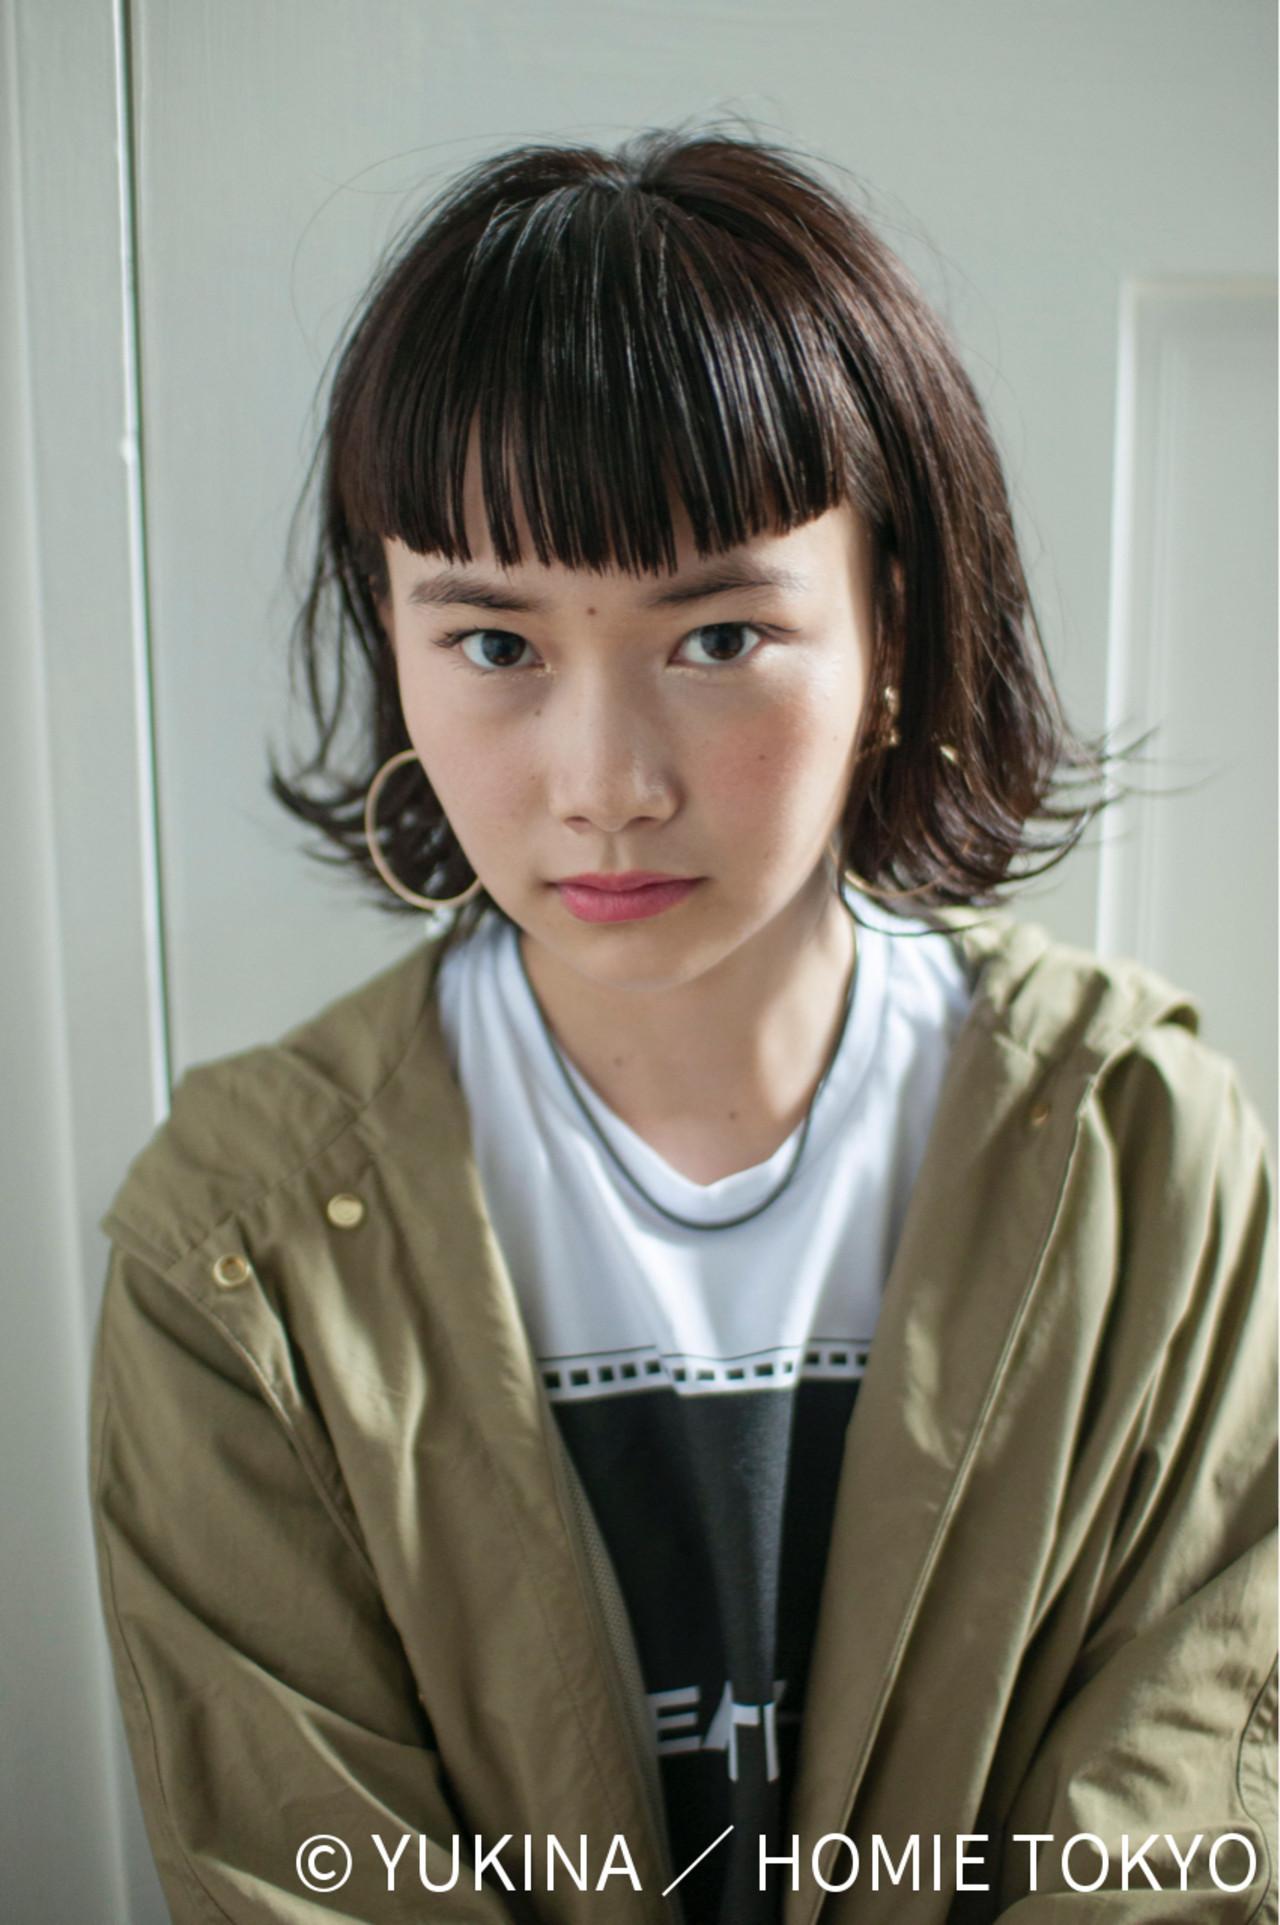 ワイドバングでつくる三戸なつめ風おしゃかわぱっつん! YUKINA / HOMIE TOKYO